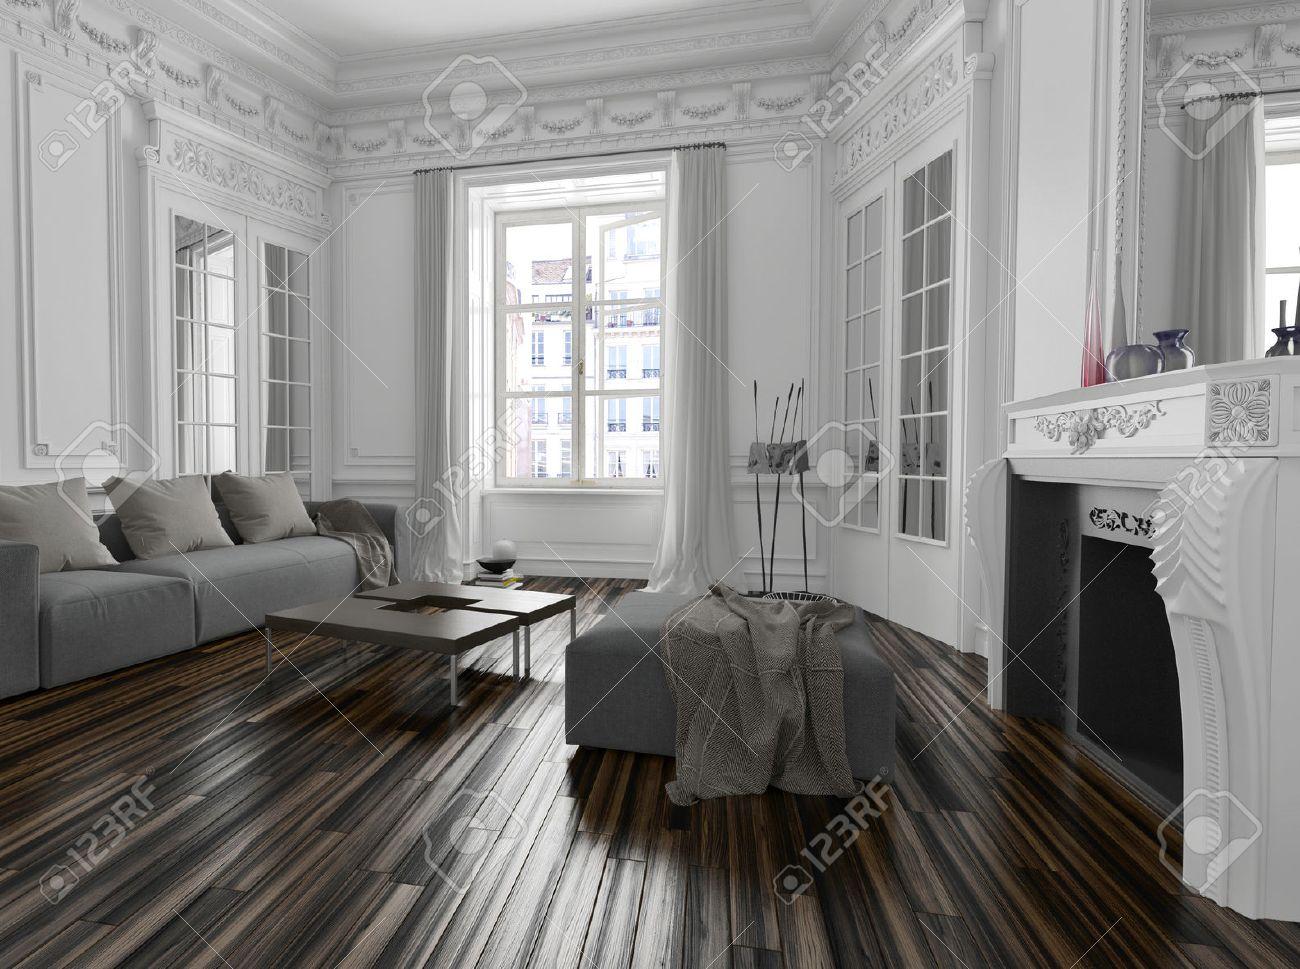 Classique intérieur de salon blanche avec corniches ...